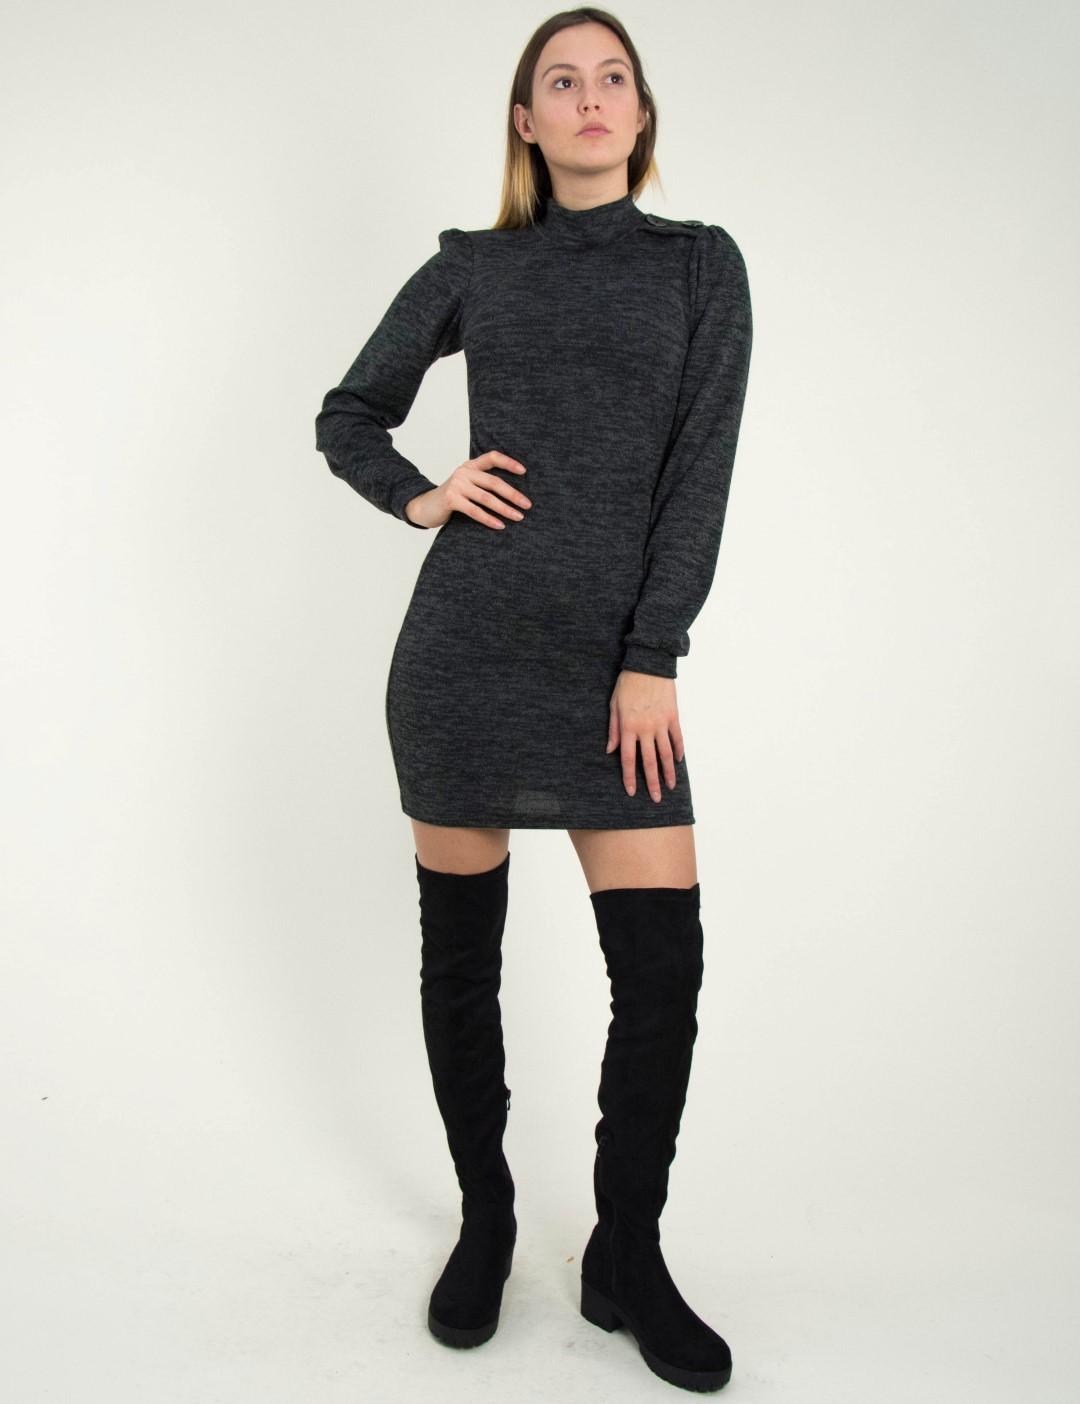 Γυναικείο μαύρο μάλλινο φόρεμα λουπέτο κορδέλα Benissimo 91936 114b06269b7